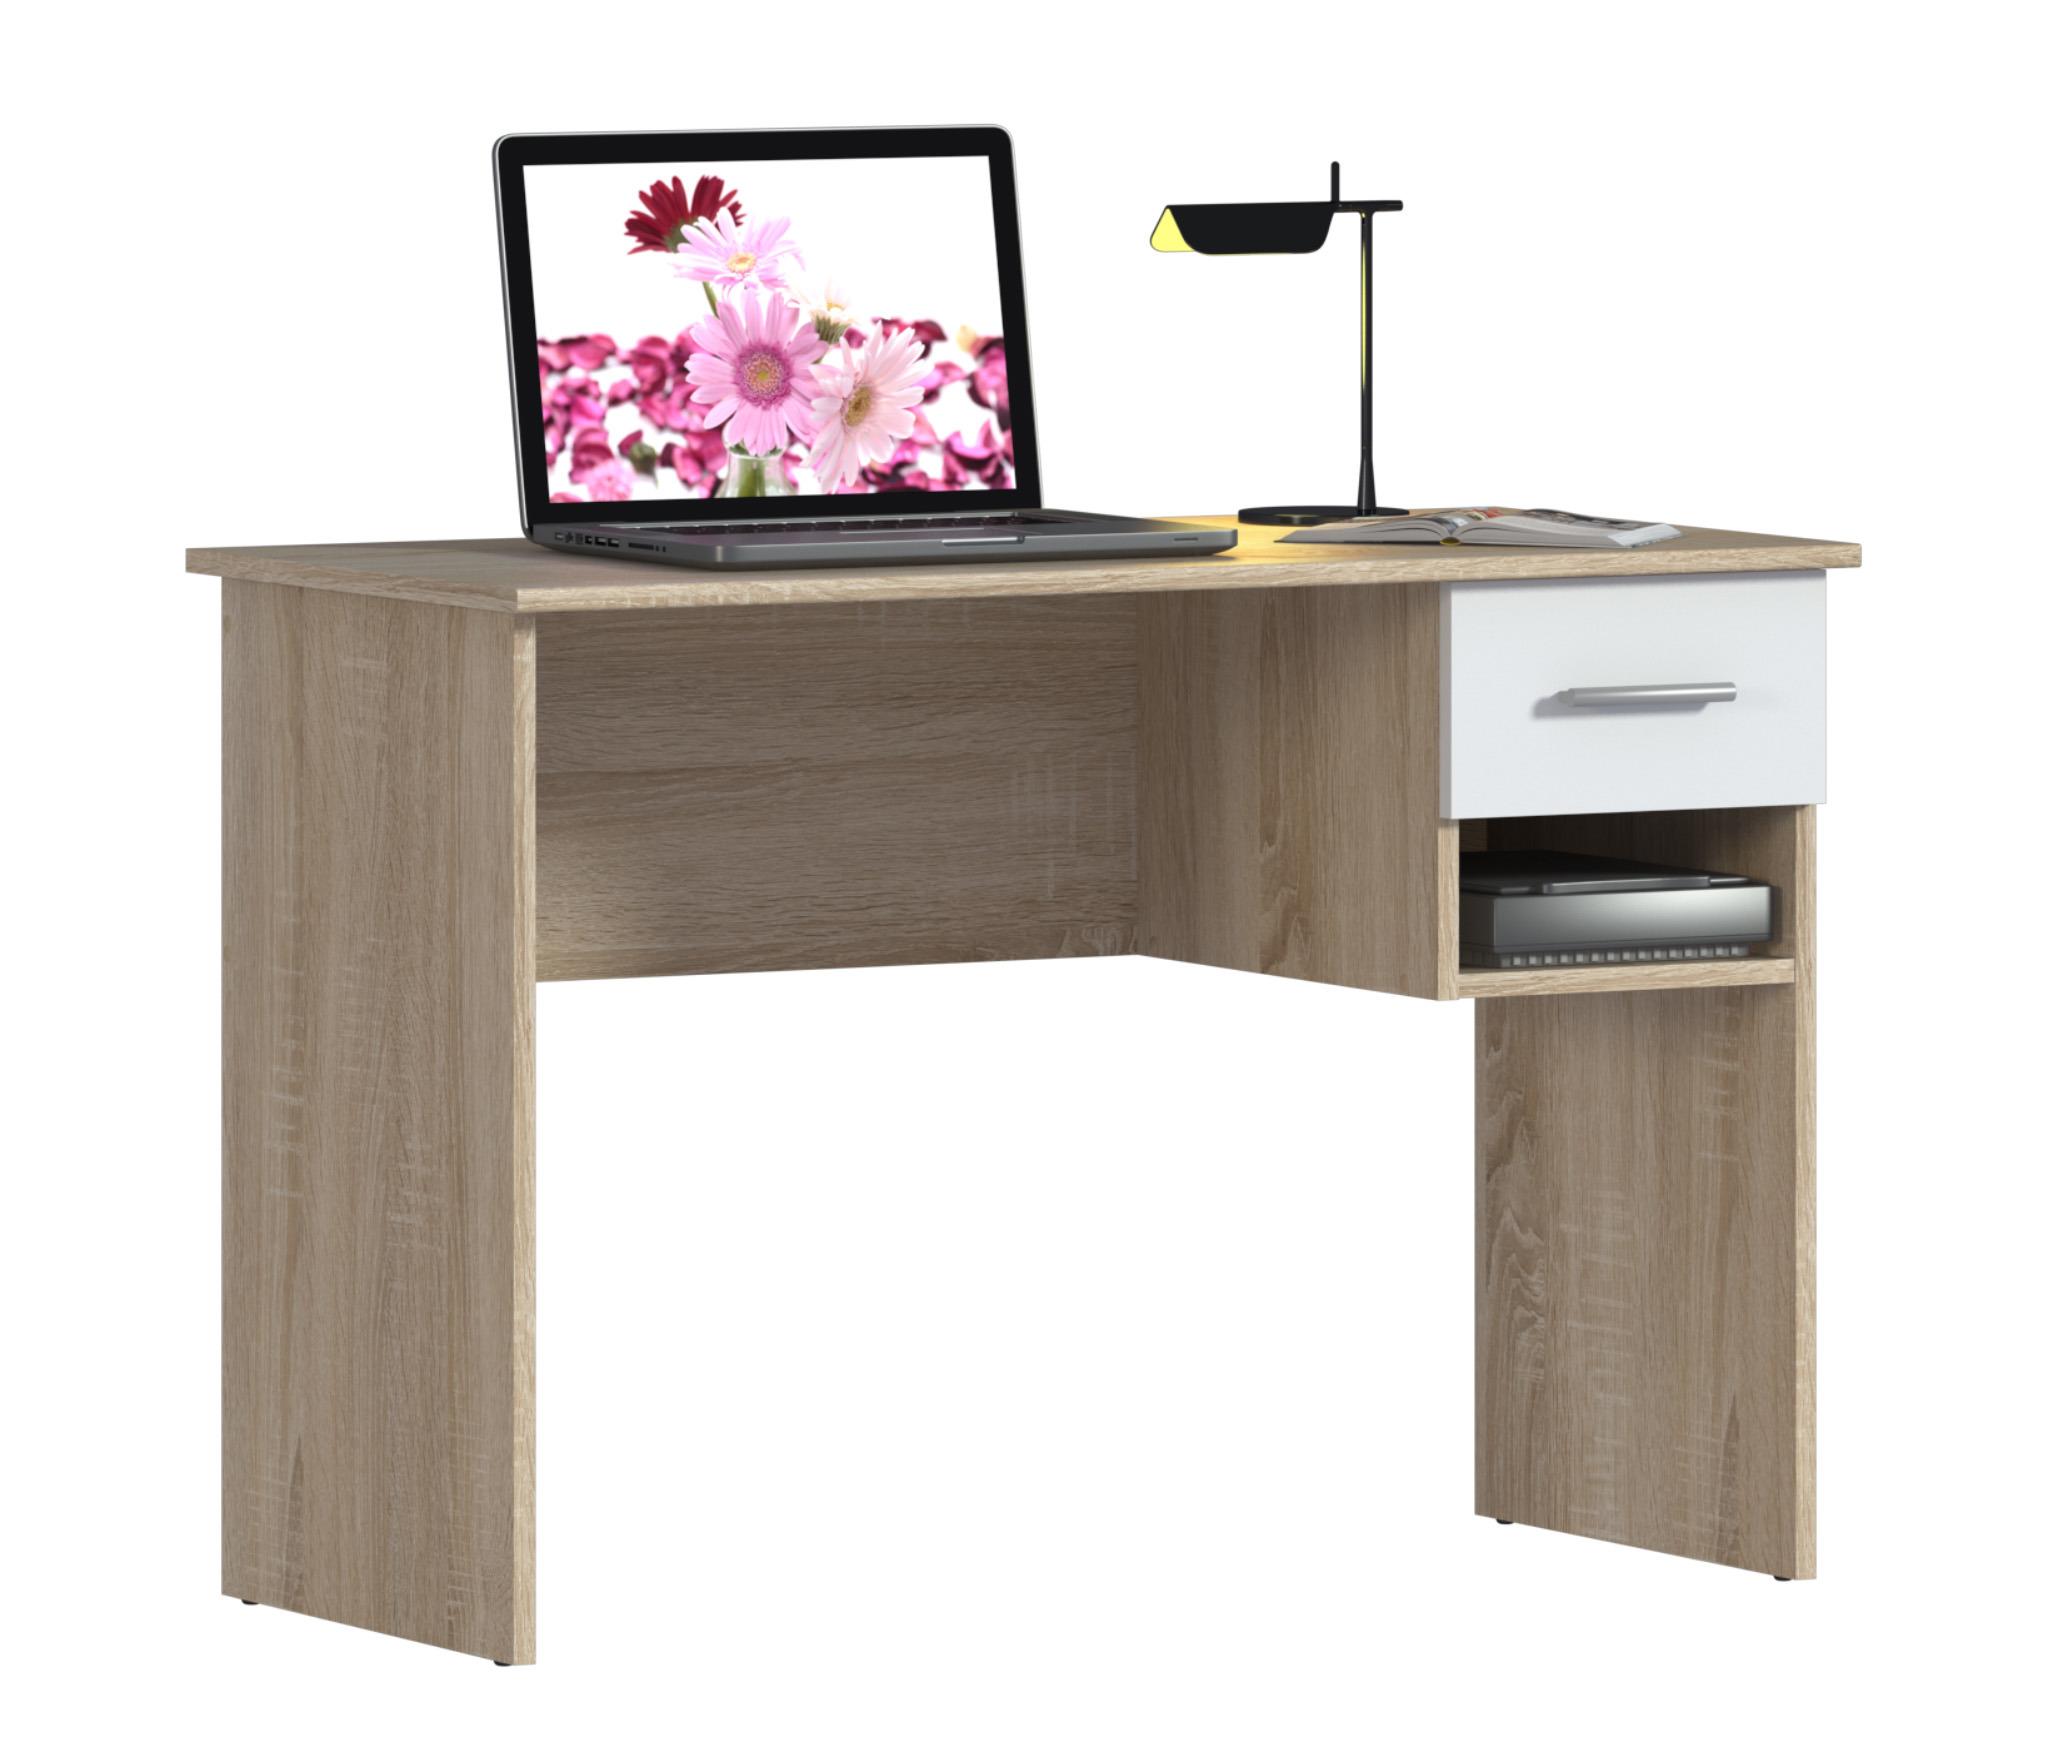 Стол для компьютера Столплит 15264518 от Столплит